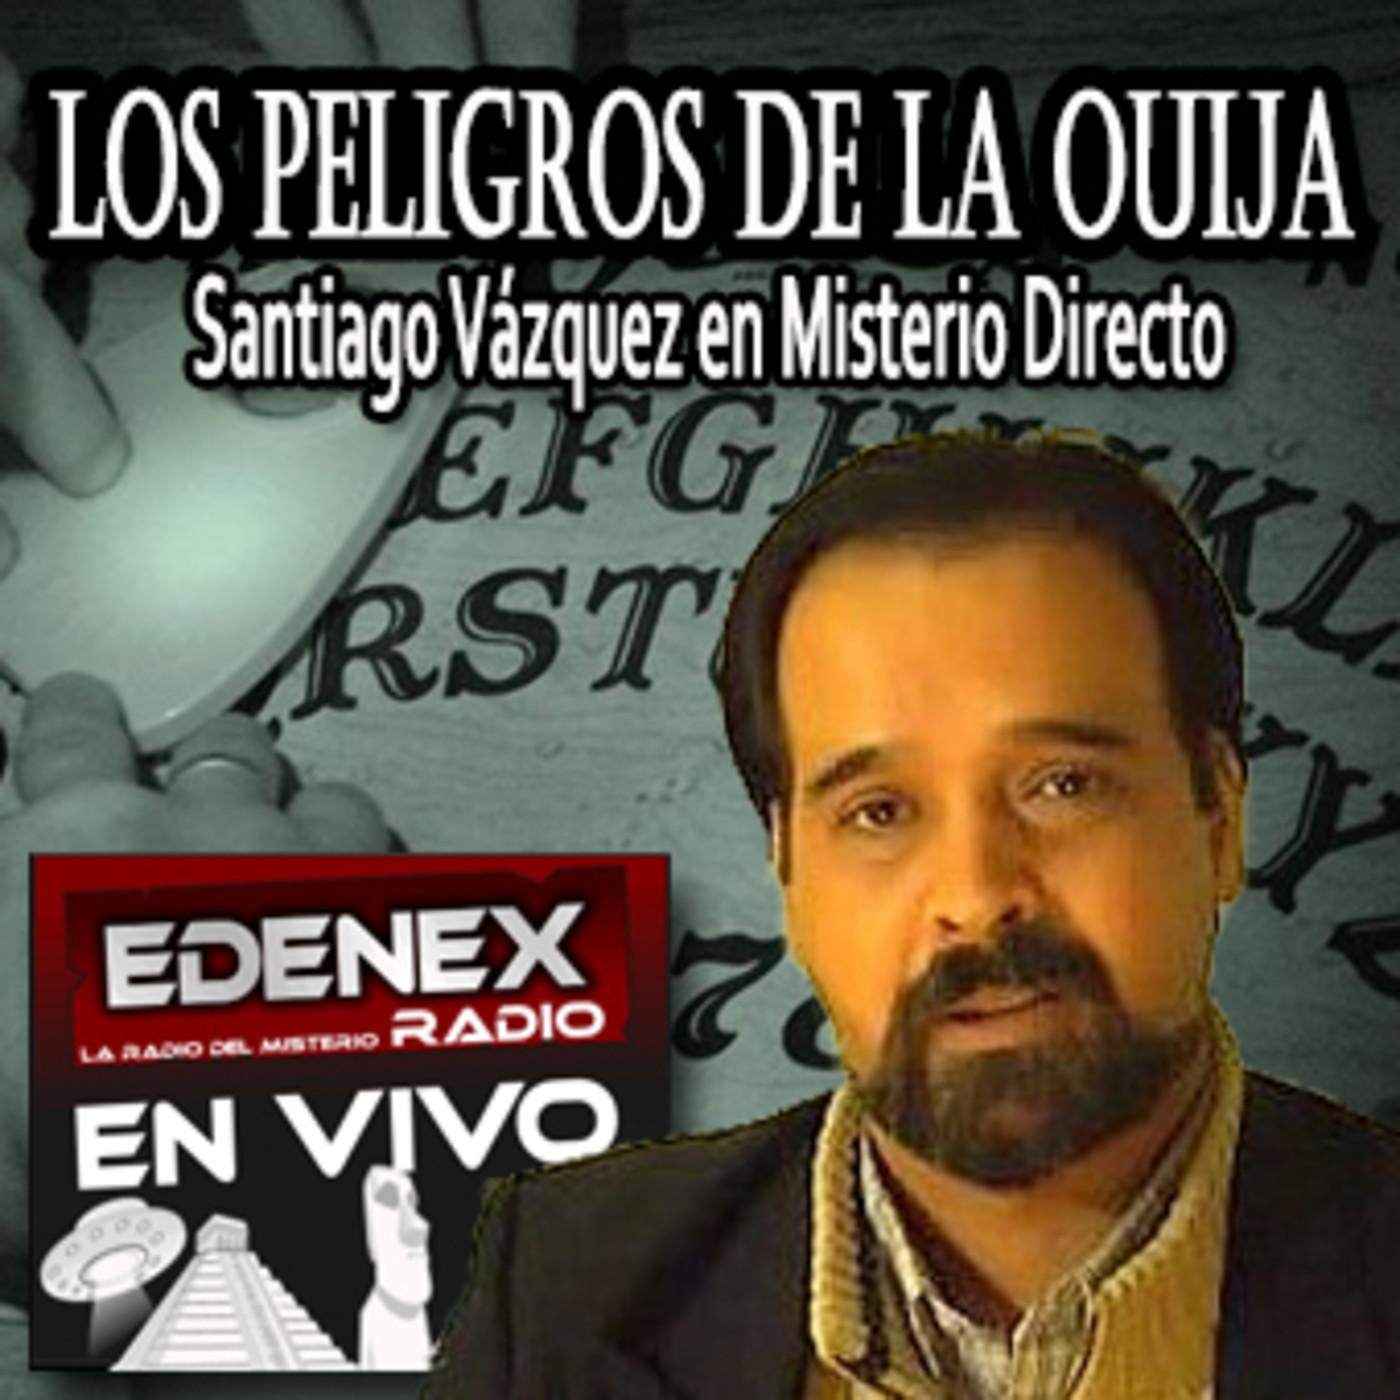 Misterio Directo - Peligros de la Ouija con Santiago Vazquez ...